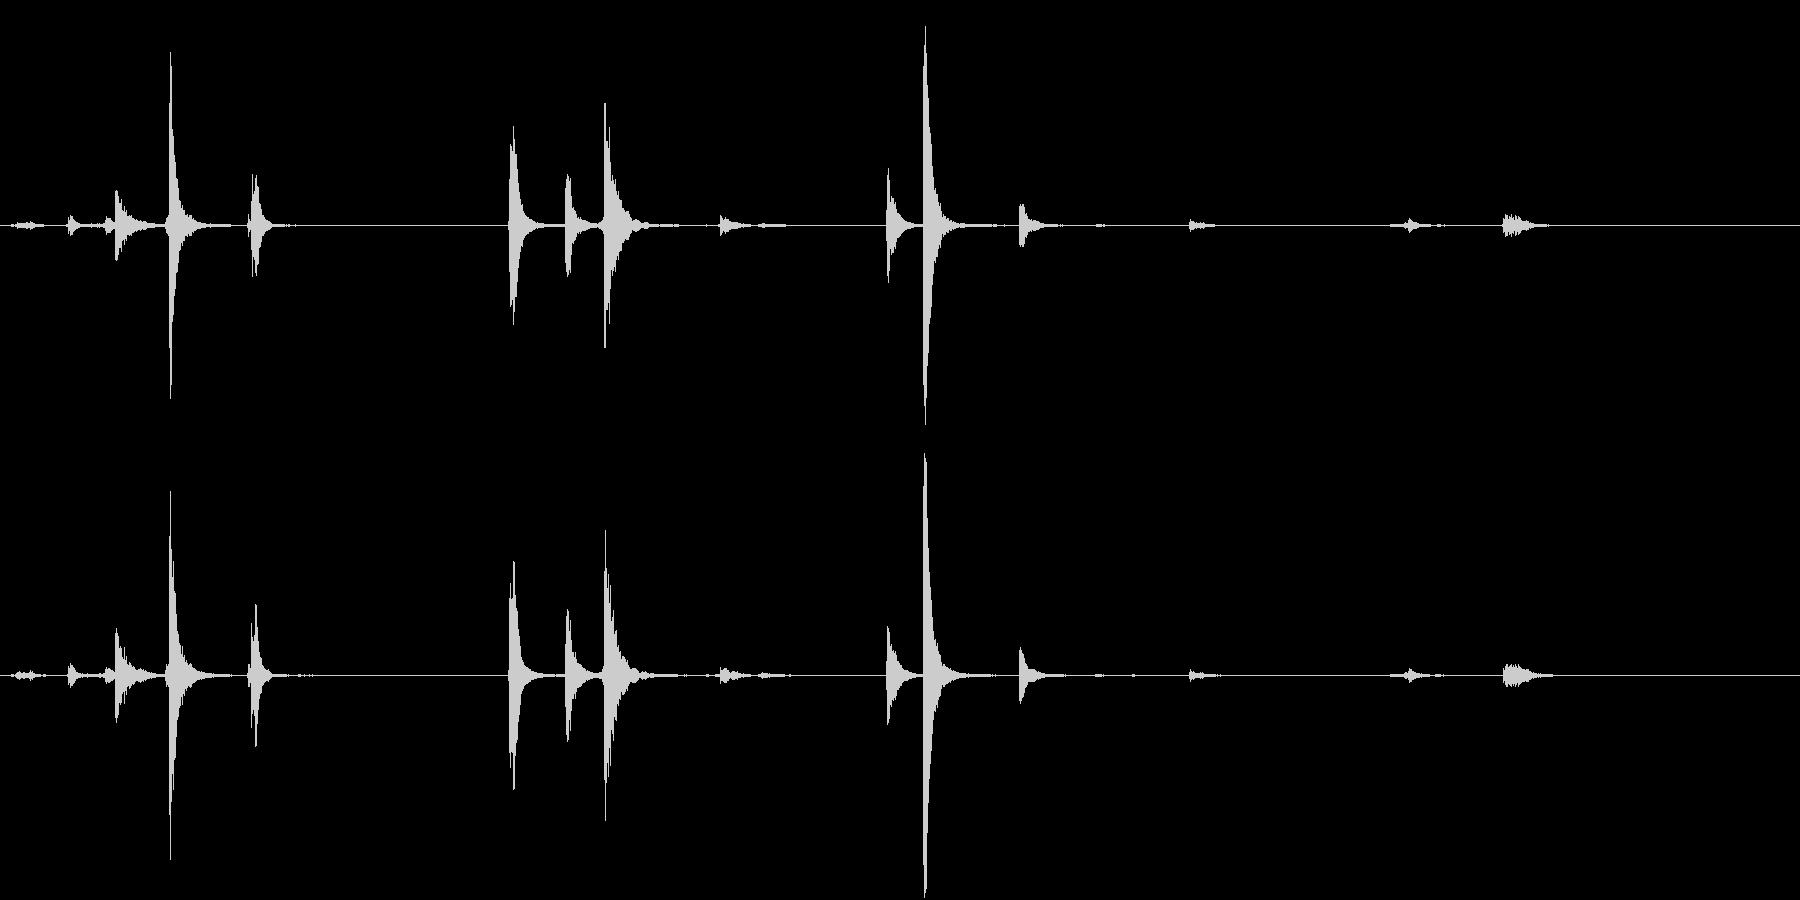 【生録音】猛獣を繋ぐような重厚な鎖の音1の未再生の波形